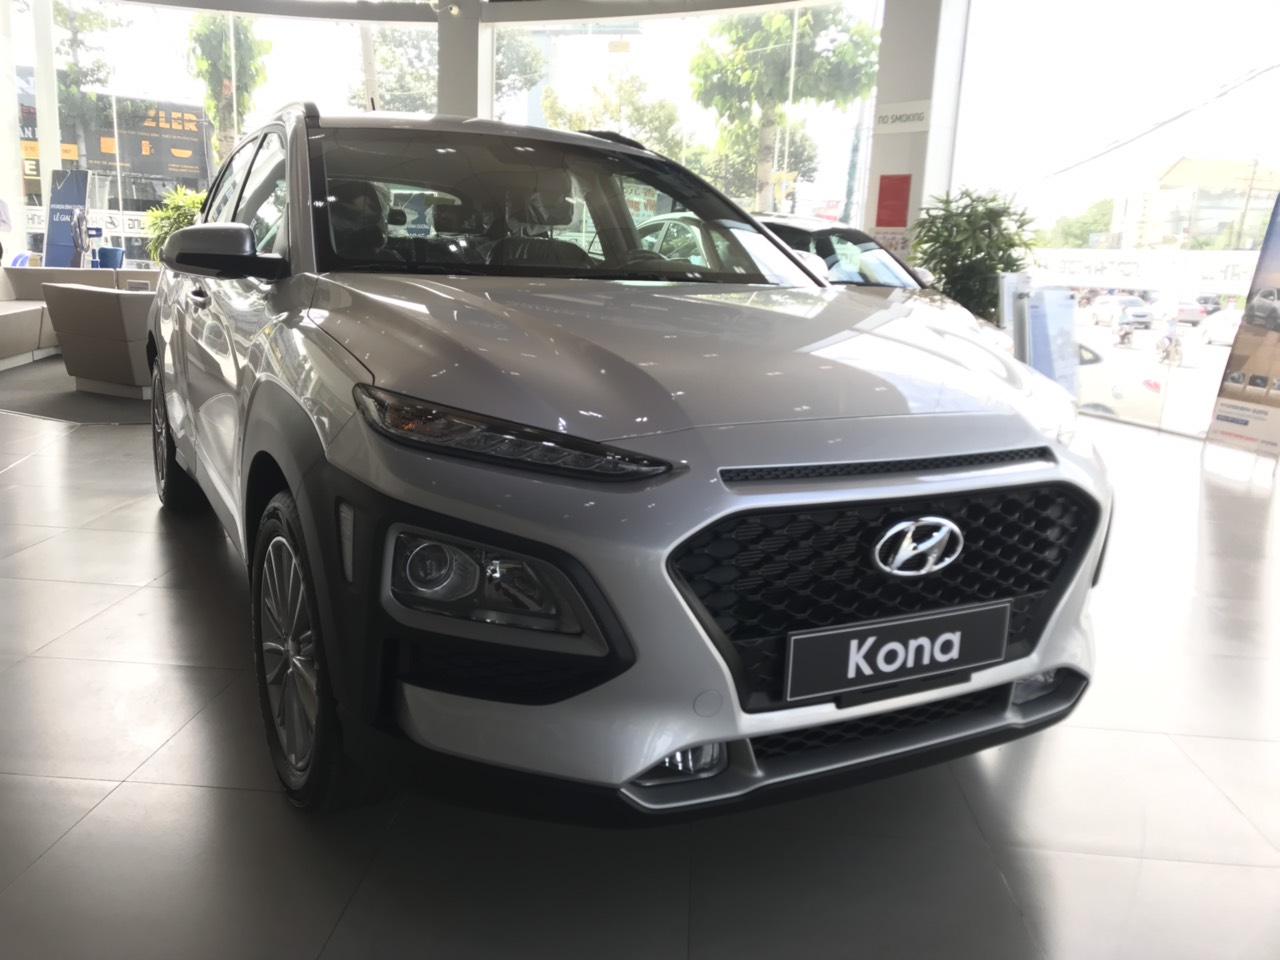 Giá Hyundai Kona tiêu chuẩn 2019 Ôtô Hyundai Bình Dương